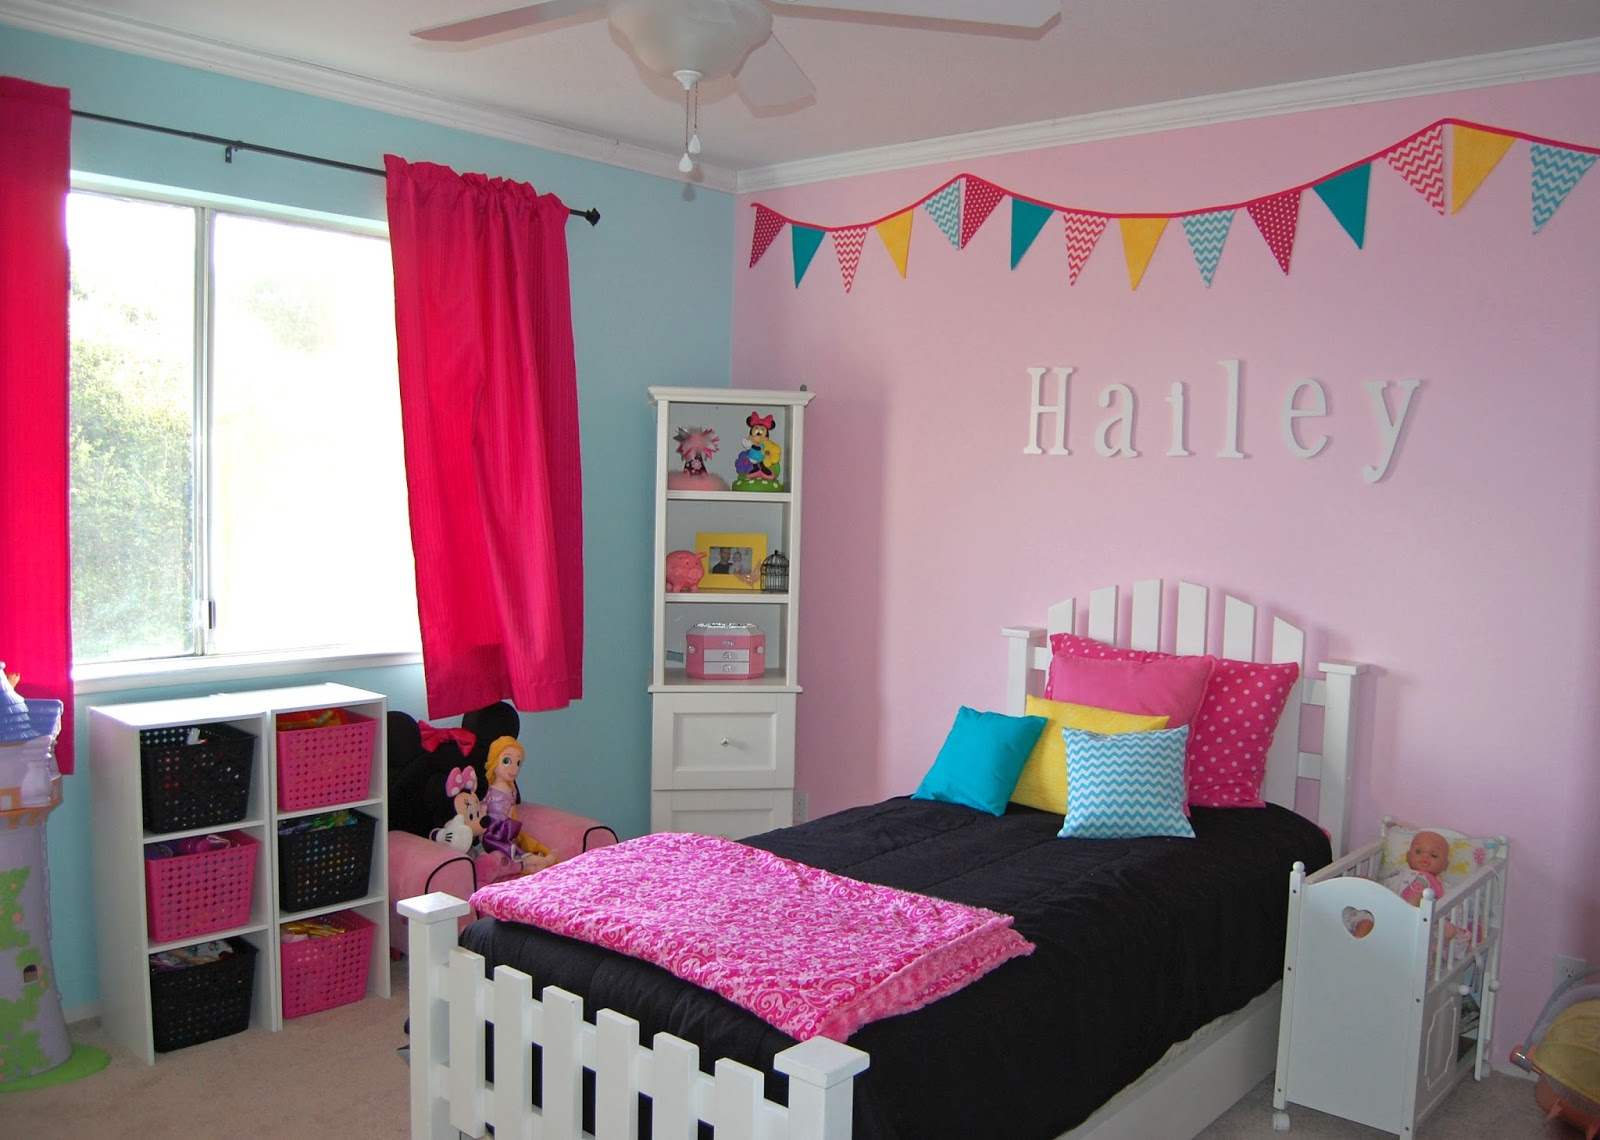 لون وردي فاتح في غرفة نوم الفتاة